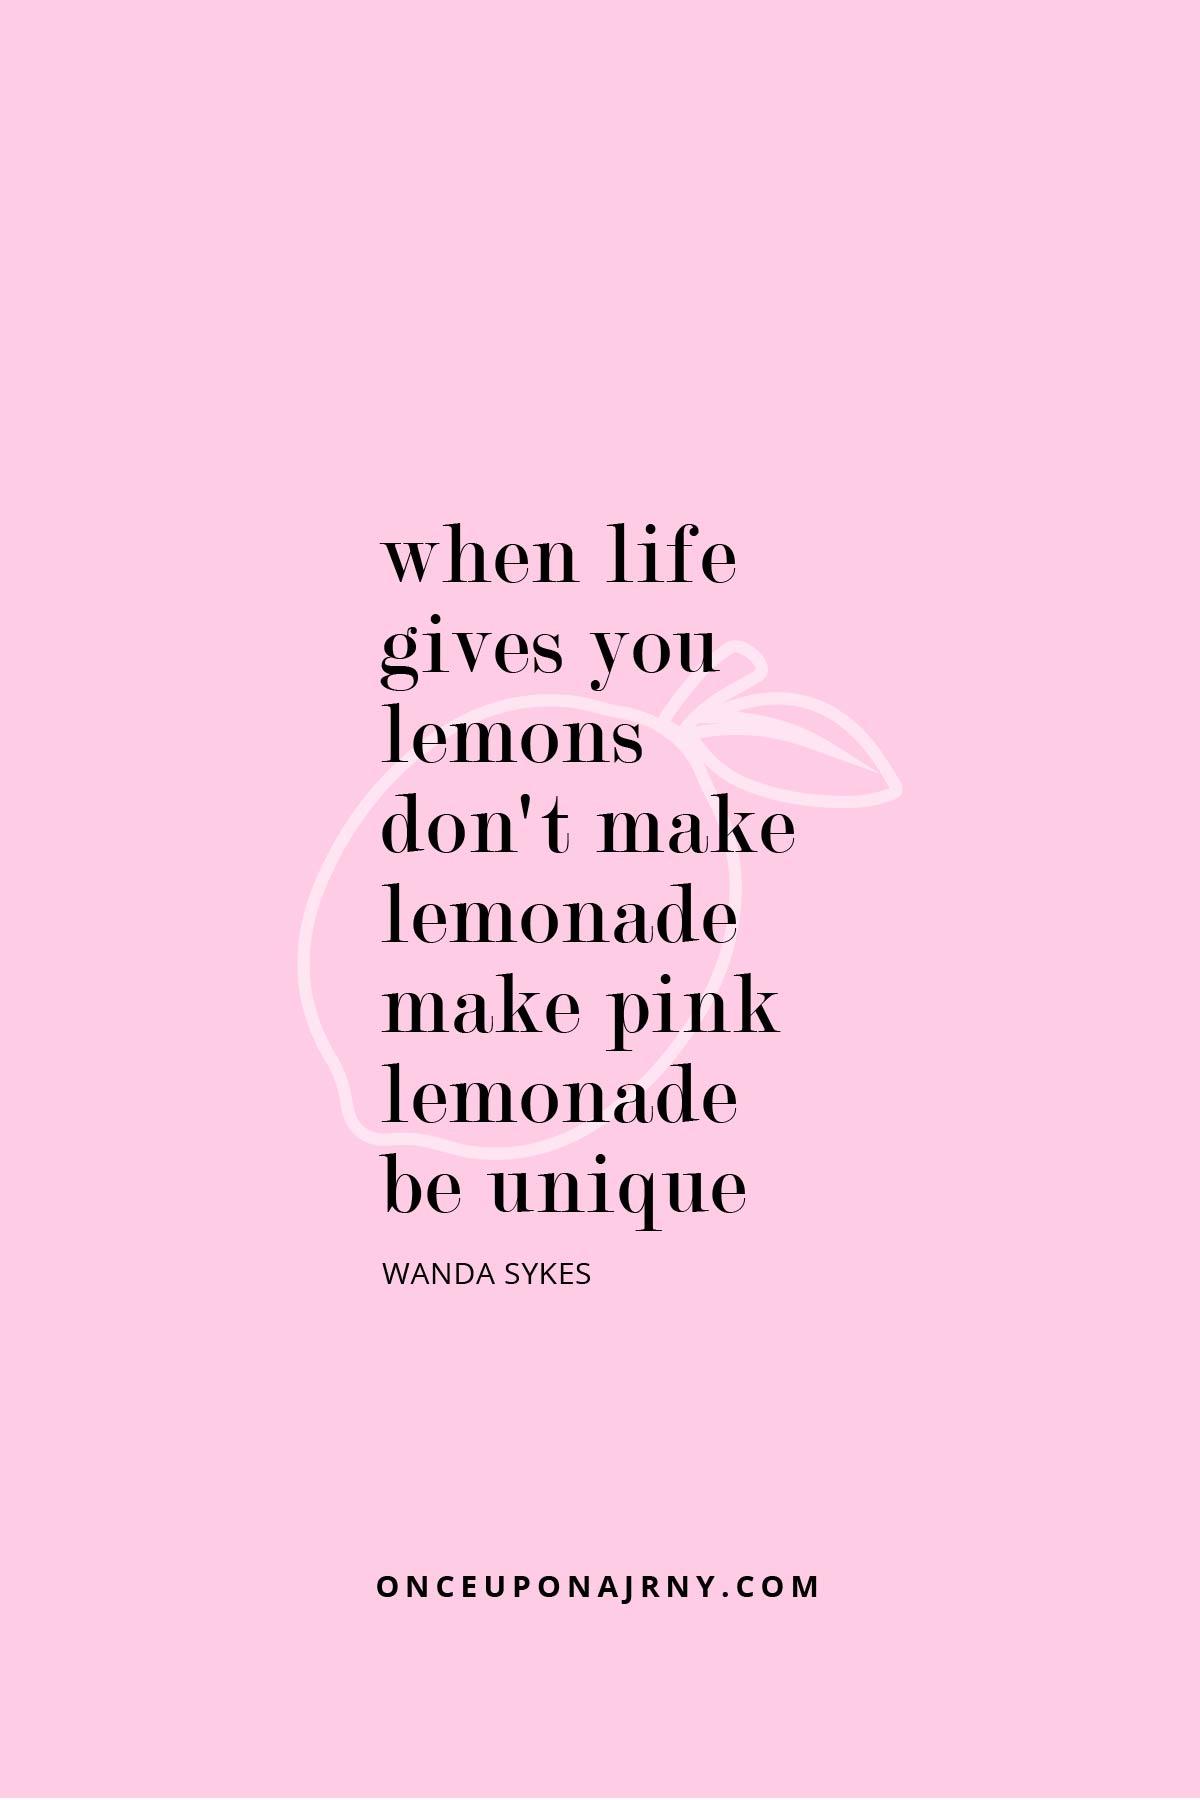 When life gives you lemons don't make lemonade, make pink lemonade. Be unique - Wanda Sykes funny lesbian quote